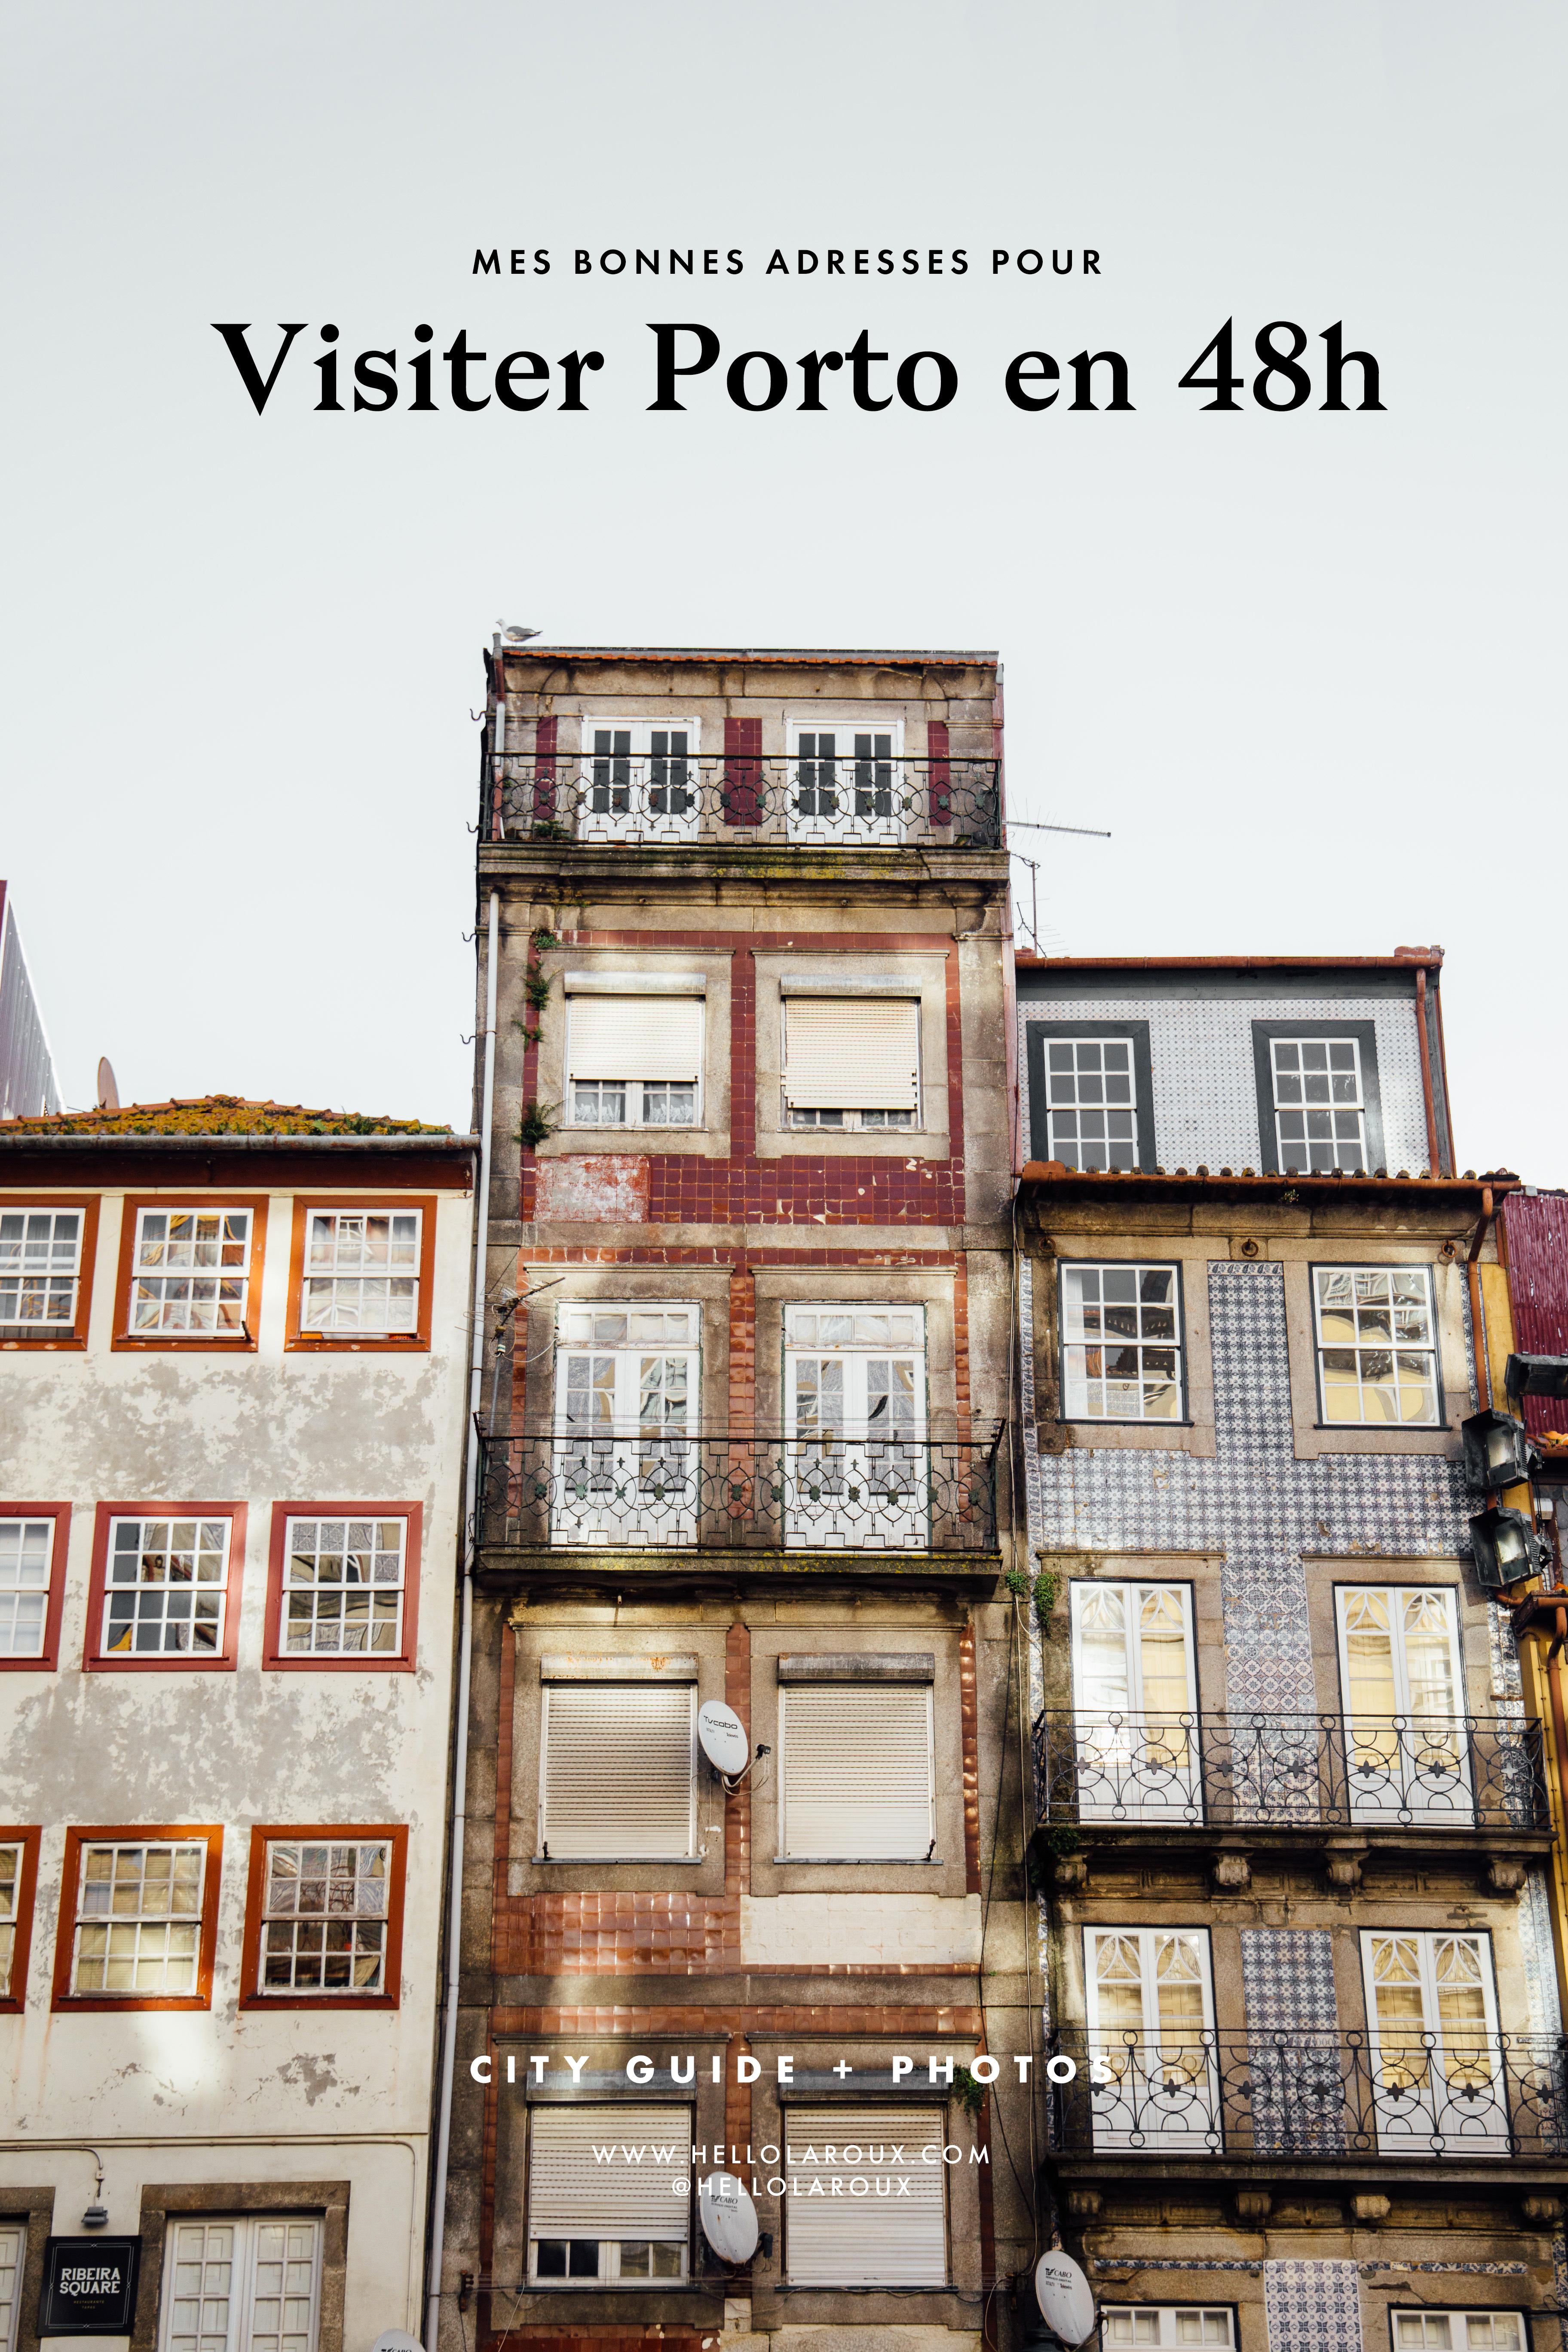 Mes bonnes adresses pour visiter Porto en 48h